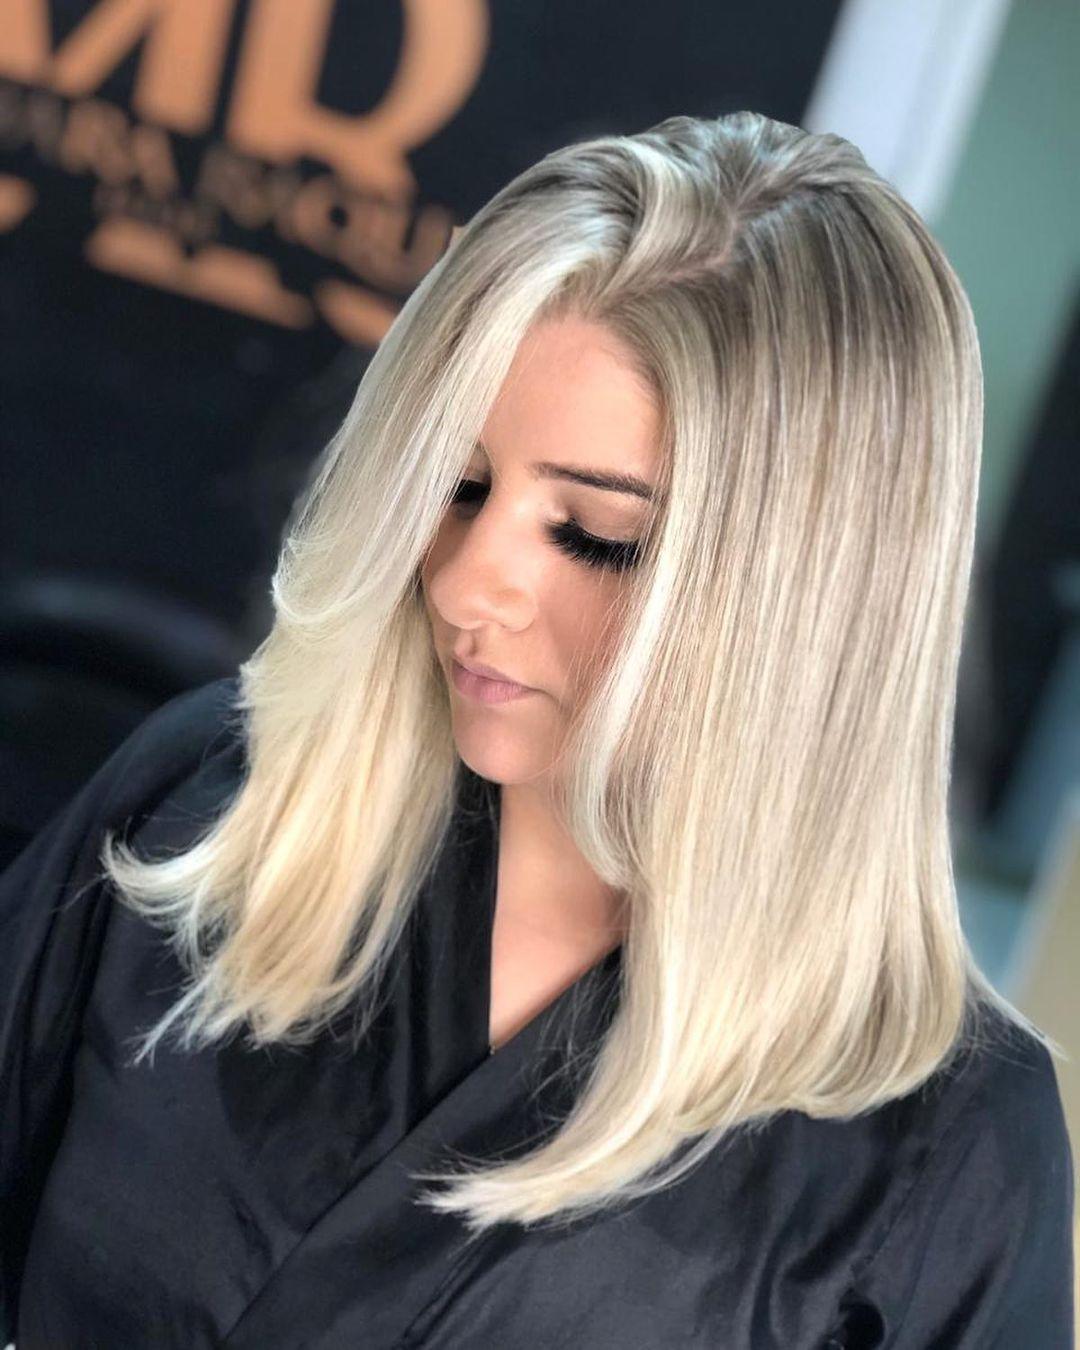 shiny brunette short hair 8